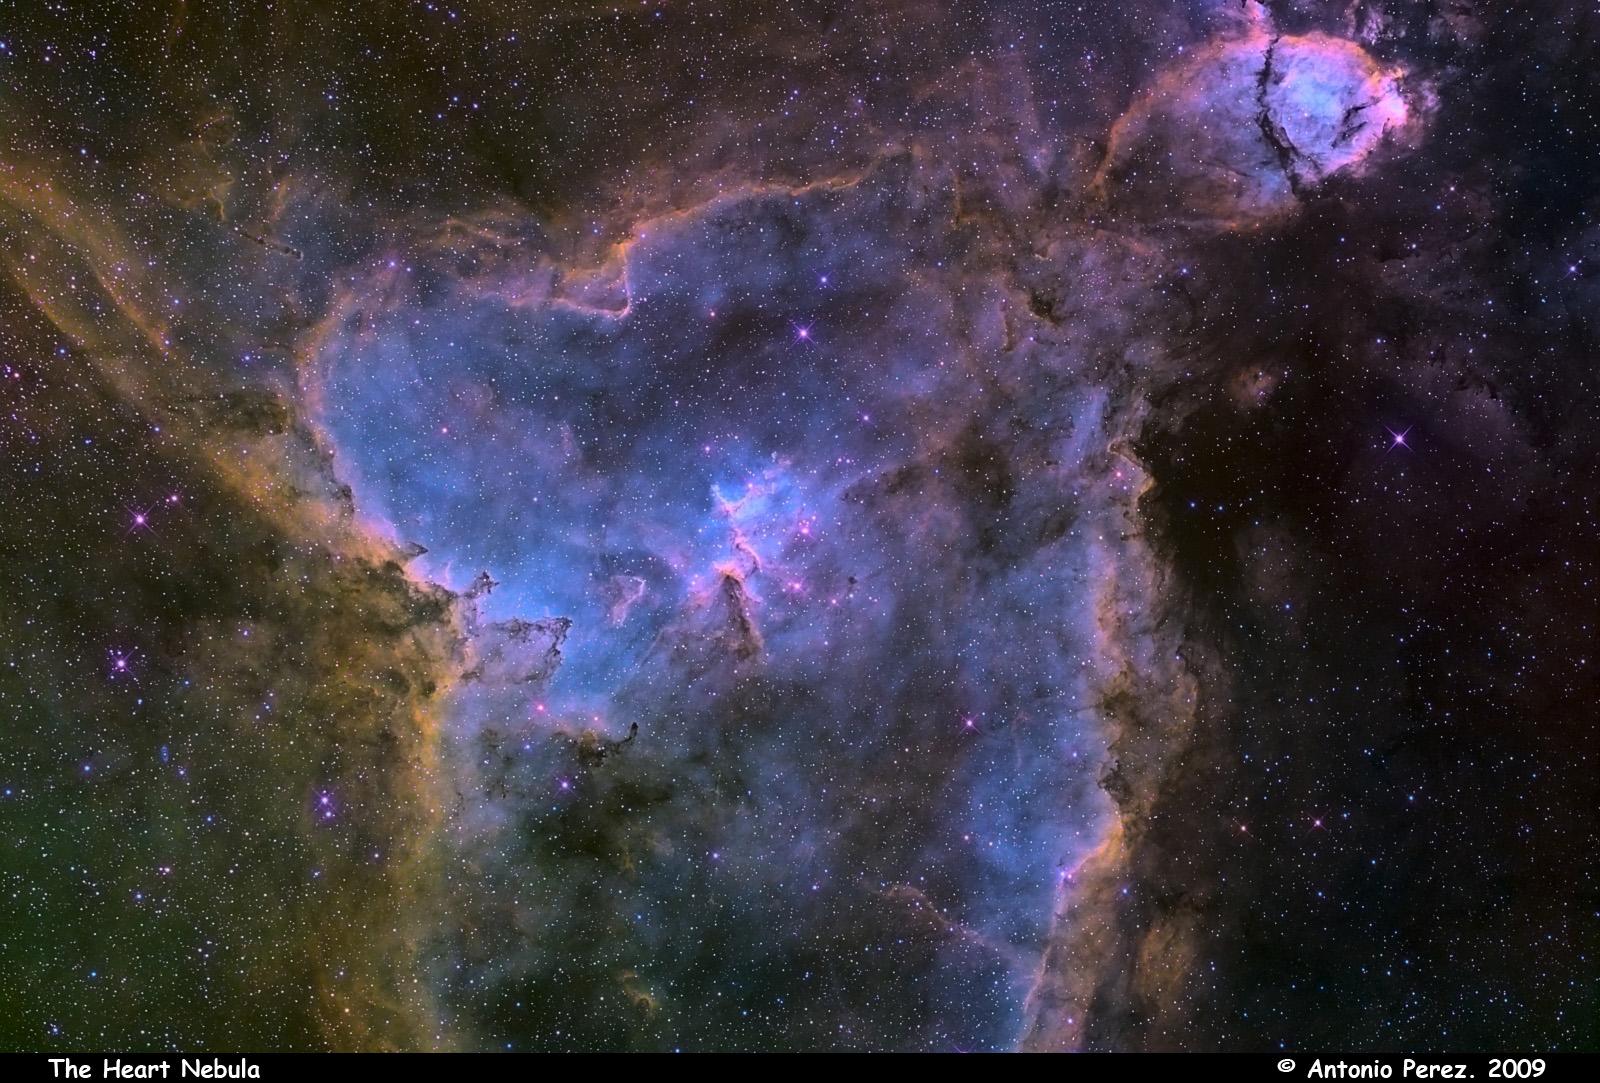 Antonio Pérez  Astronomía  Galería de imágenes  Cielo profundo